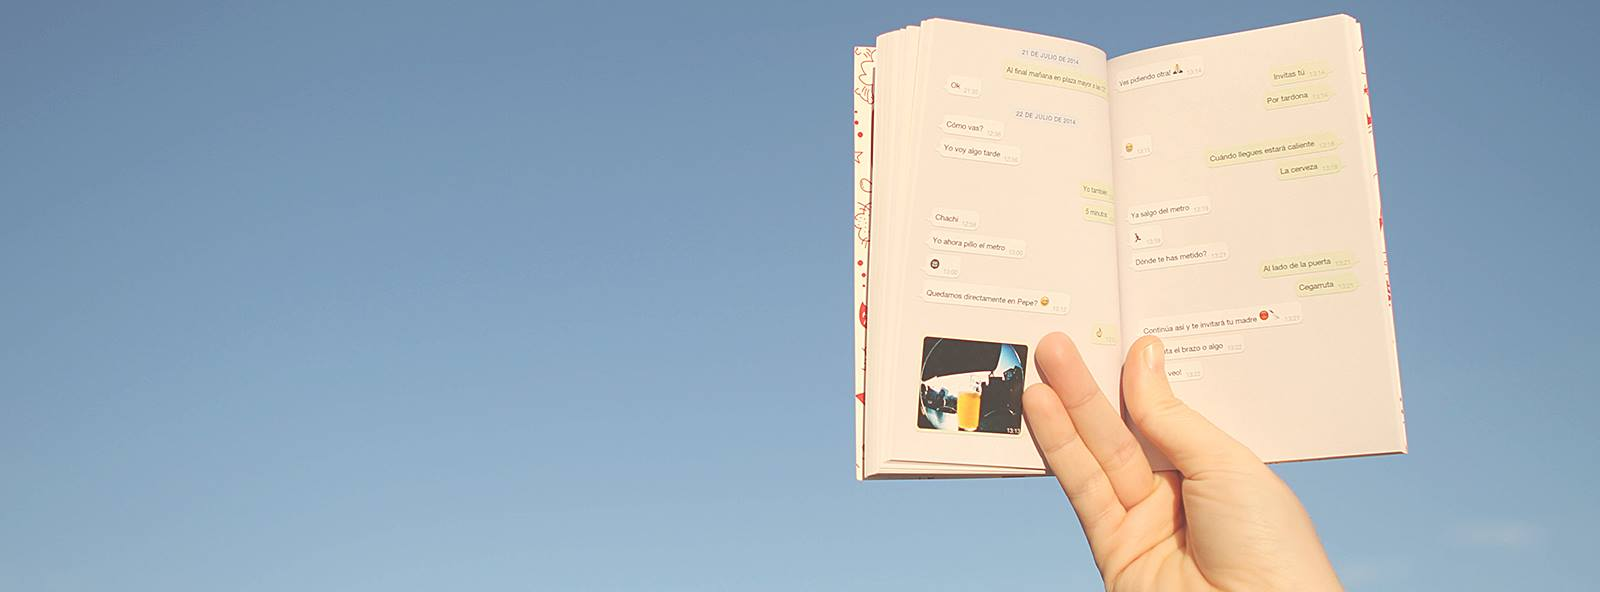 El-emprendedor-Pau-Moreno-crea-Tiny-books-que-convierte-las-conversaciones-de-WhatsApp-en-un-libro-